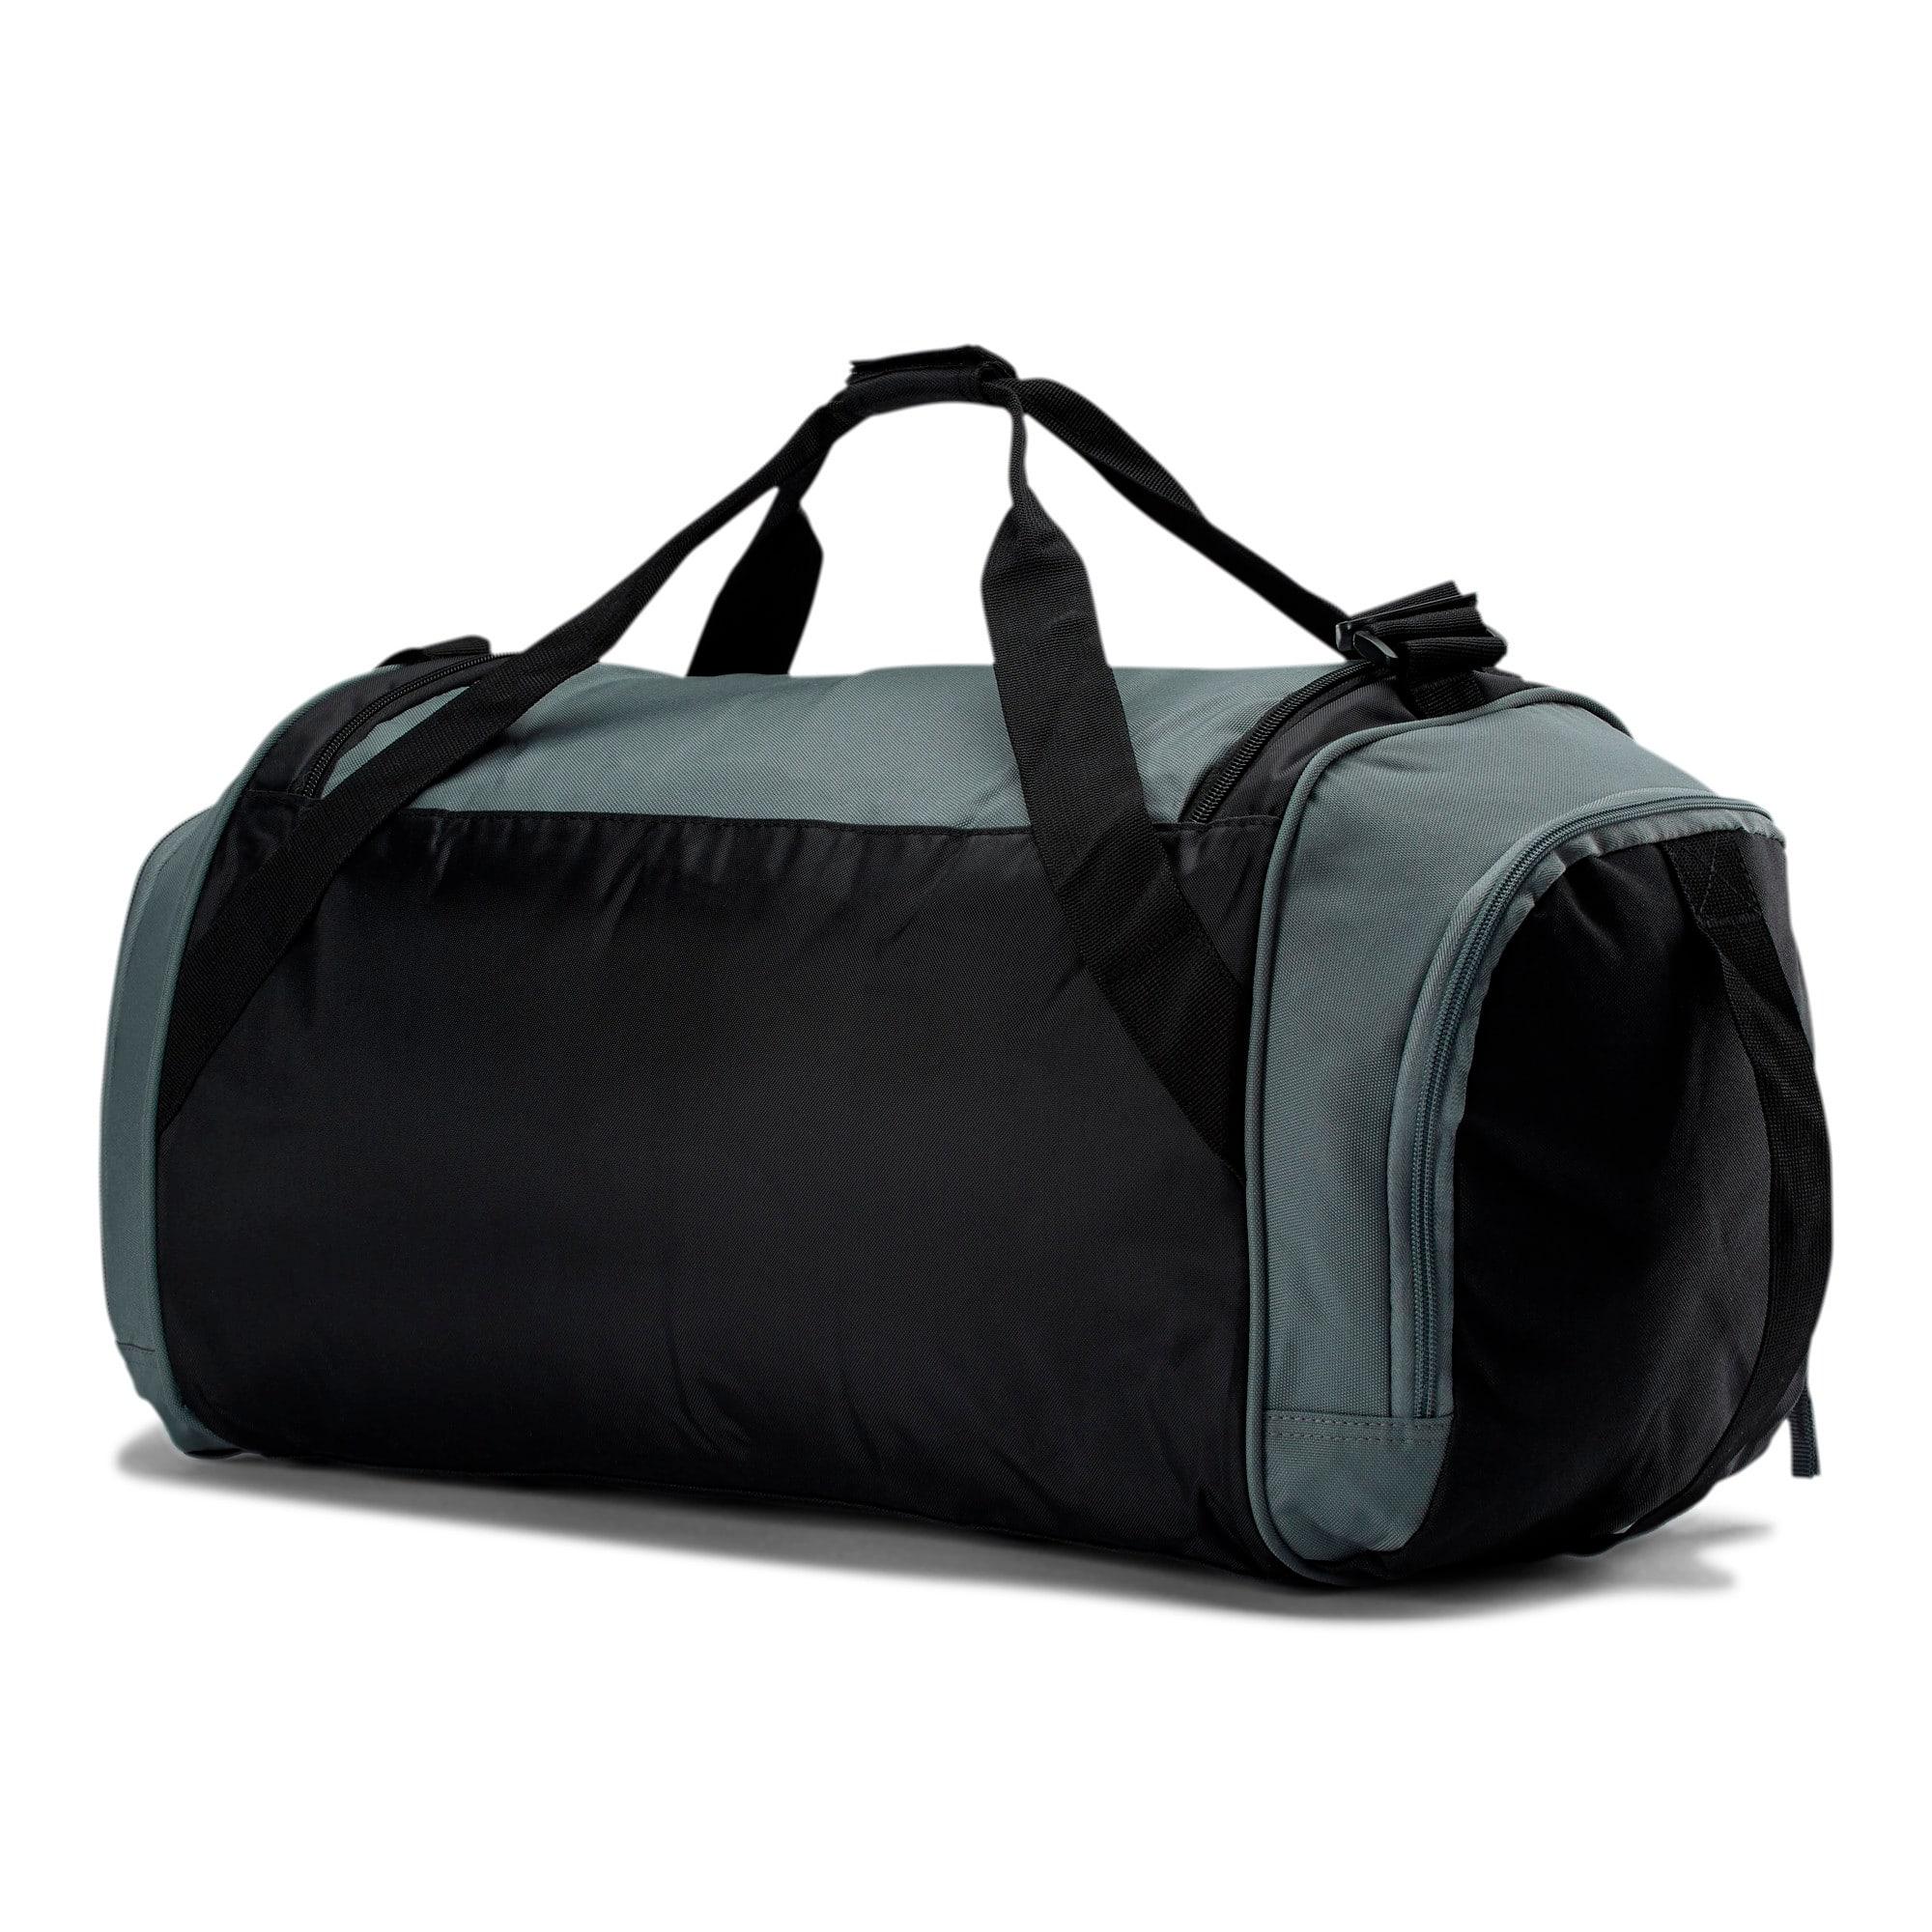 Thumbnail 2 of ProCat Duffel Bag, BLACK, medium